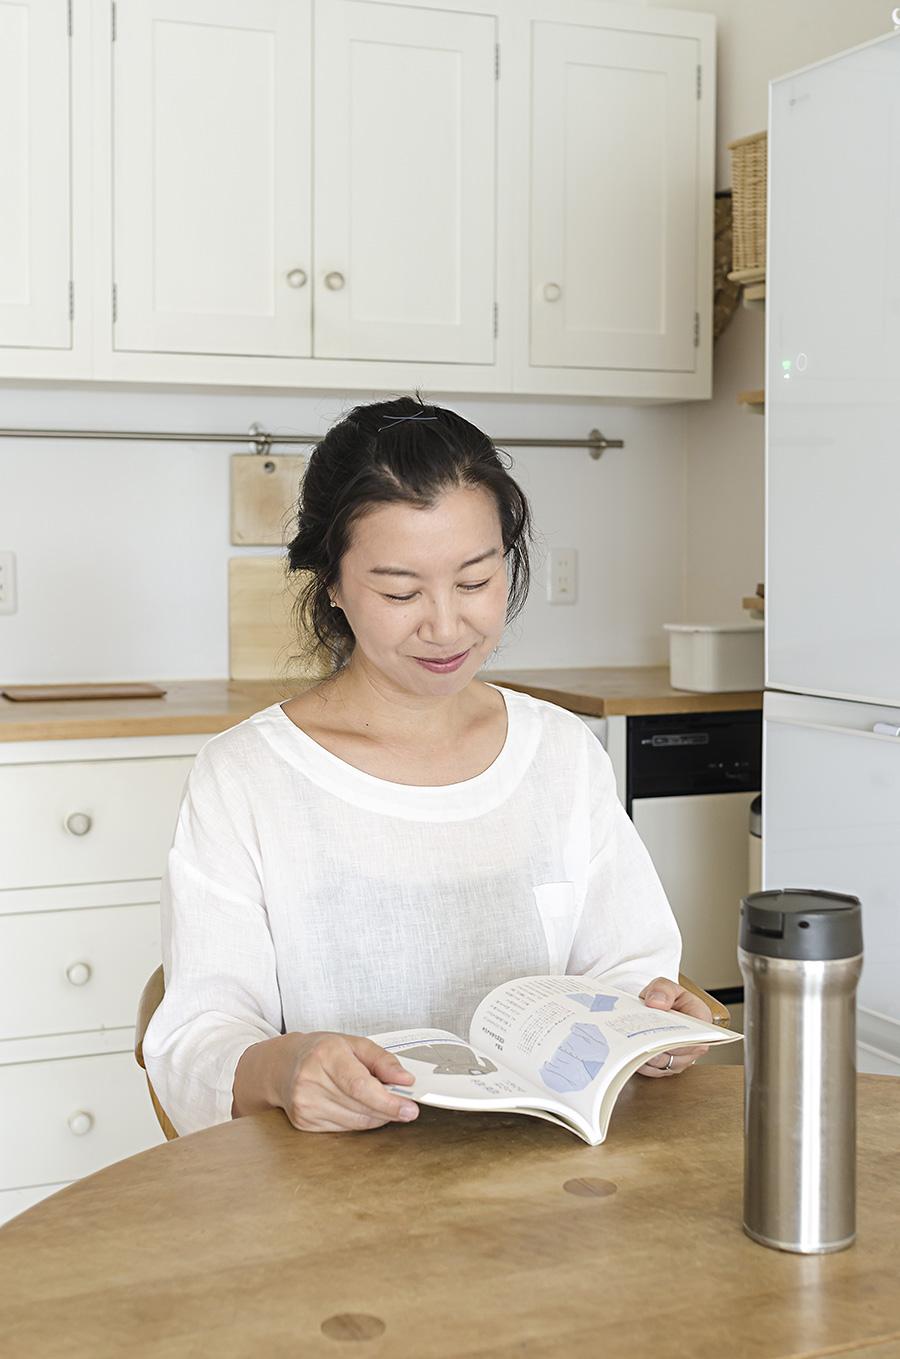 ミニマリスト・尾崎友吏子さん。ブログでミニマルな生活の心地よさを発信。『ミニマリストの持ちもの帖』(NHK出版)などの著書も。水筒はオフィスでも家でも活躍している。